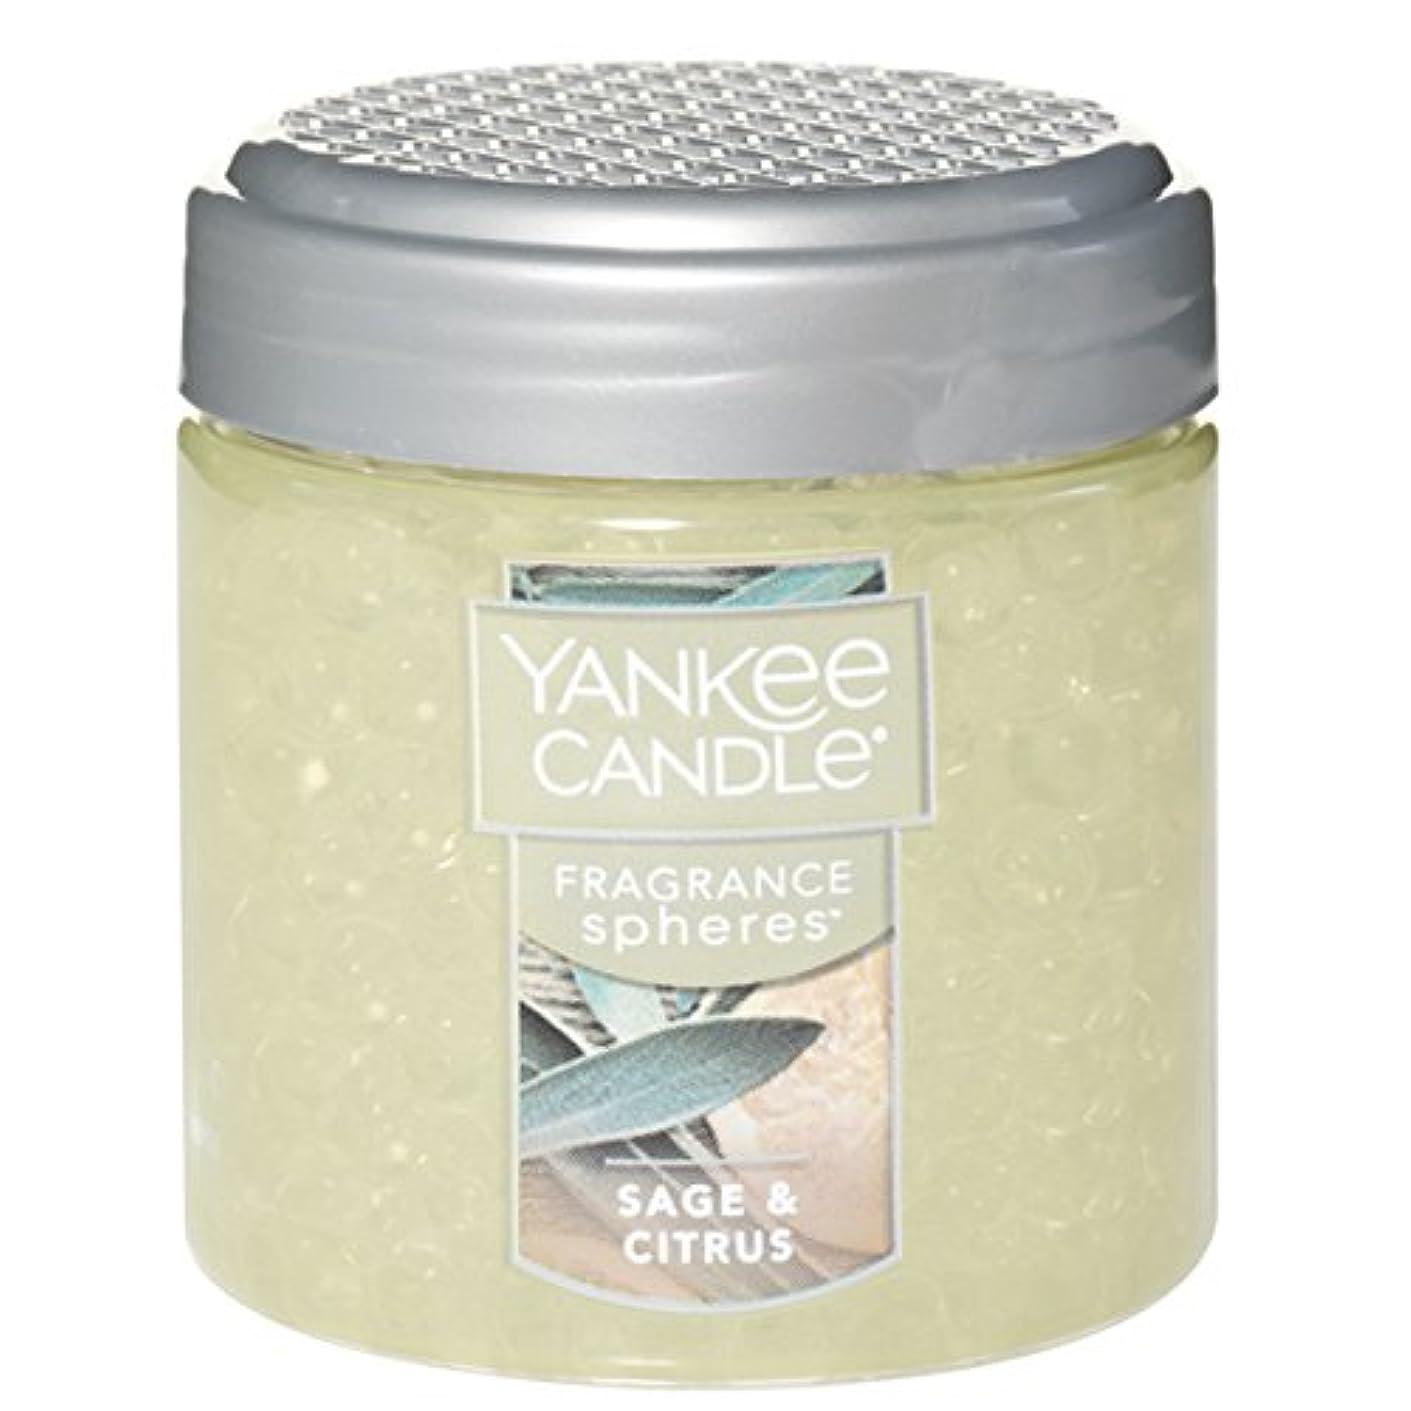 後方後方神YANKEE CANDLE ヤンキーキャンドル フレグランスビーズ セージシトラス(お部屋の芳香剤)